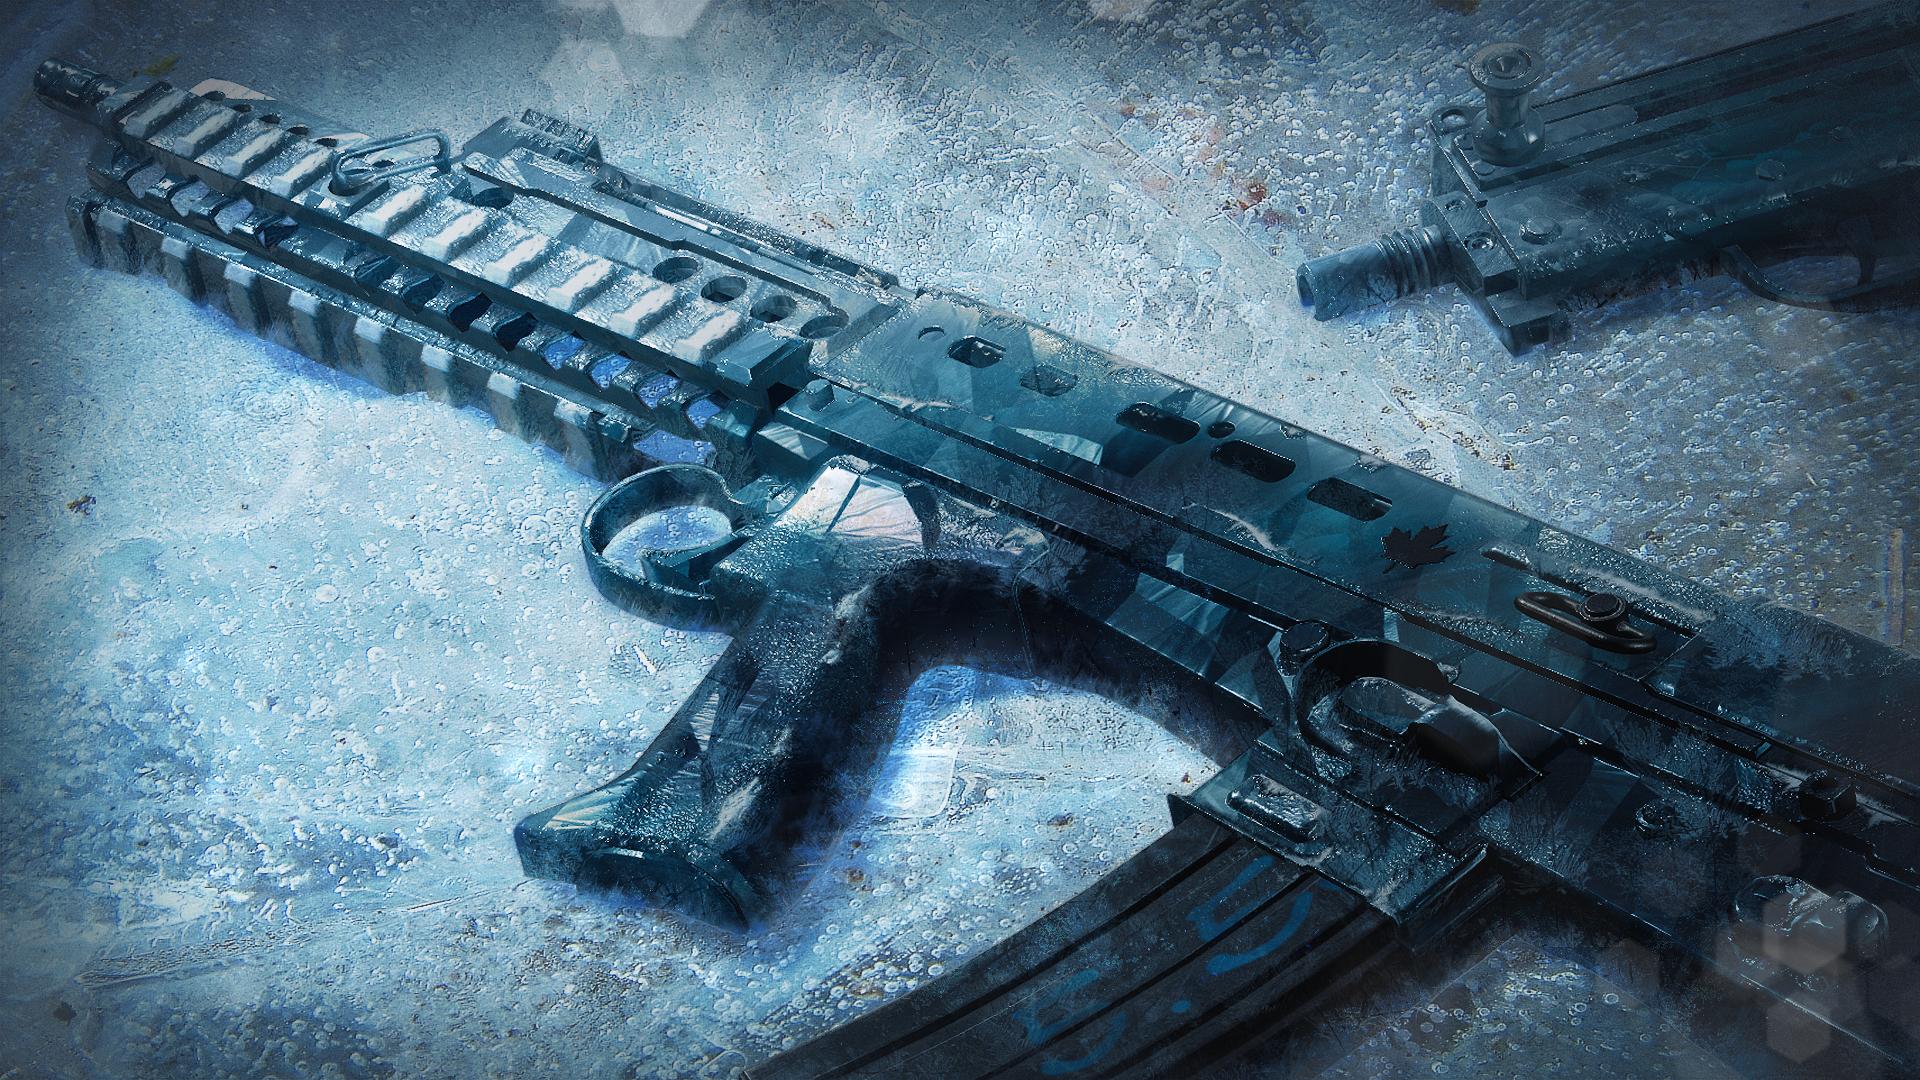 R6S SAS WeaponSkin BlackIce Season1 1080